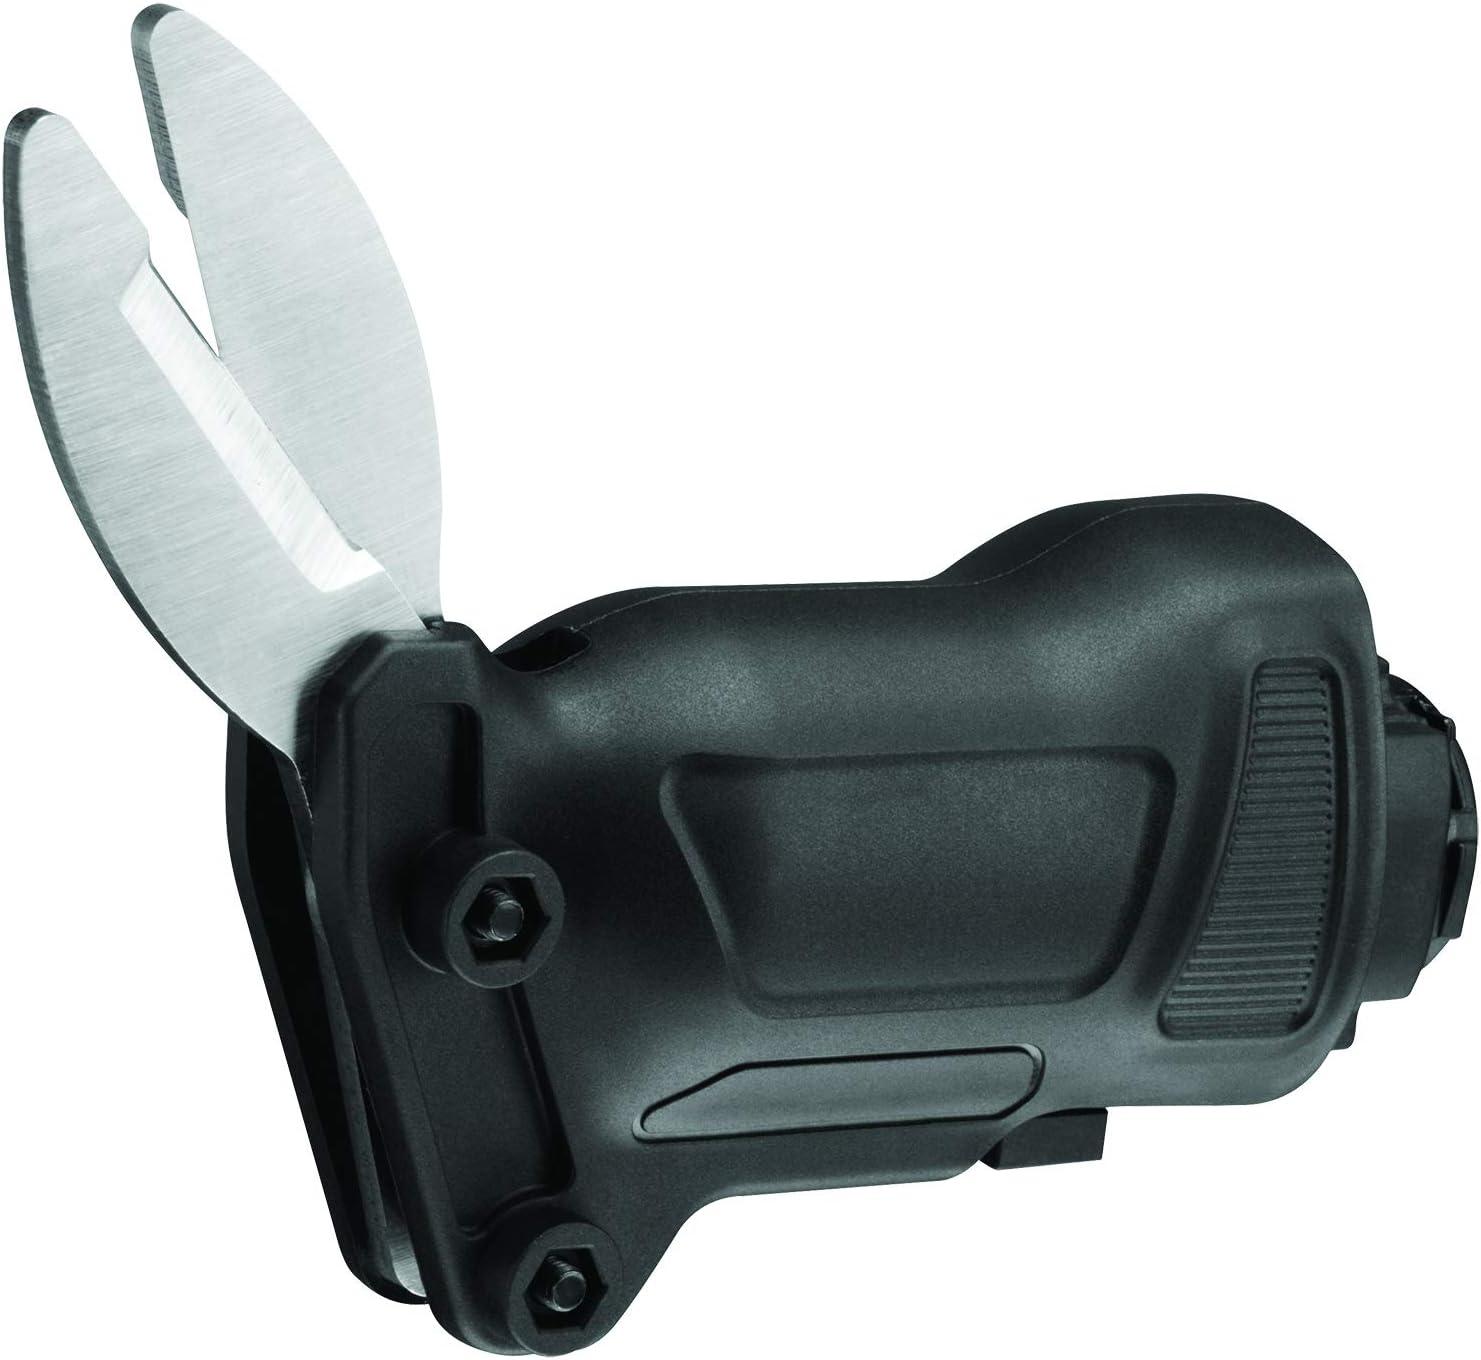 Black Decker Multievo Universalscheren Kopf Variable Drehzahl Für Multifunktionswerkzeug Multievo Kopfwechsel Per Knopfdruck Für Tapete Teppich Gummi Draht Oder Metall Mts12 Baumarkt